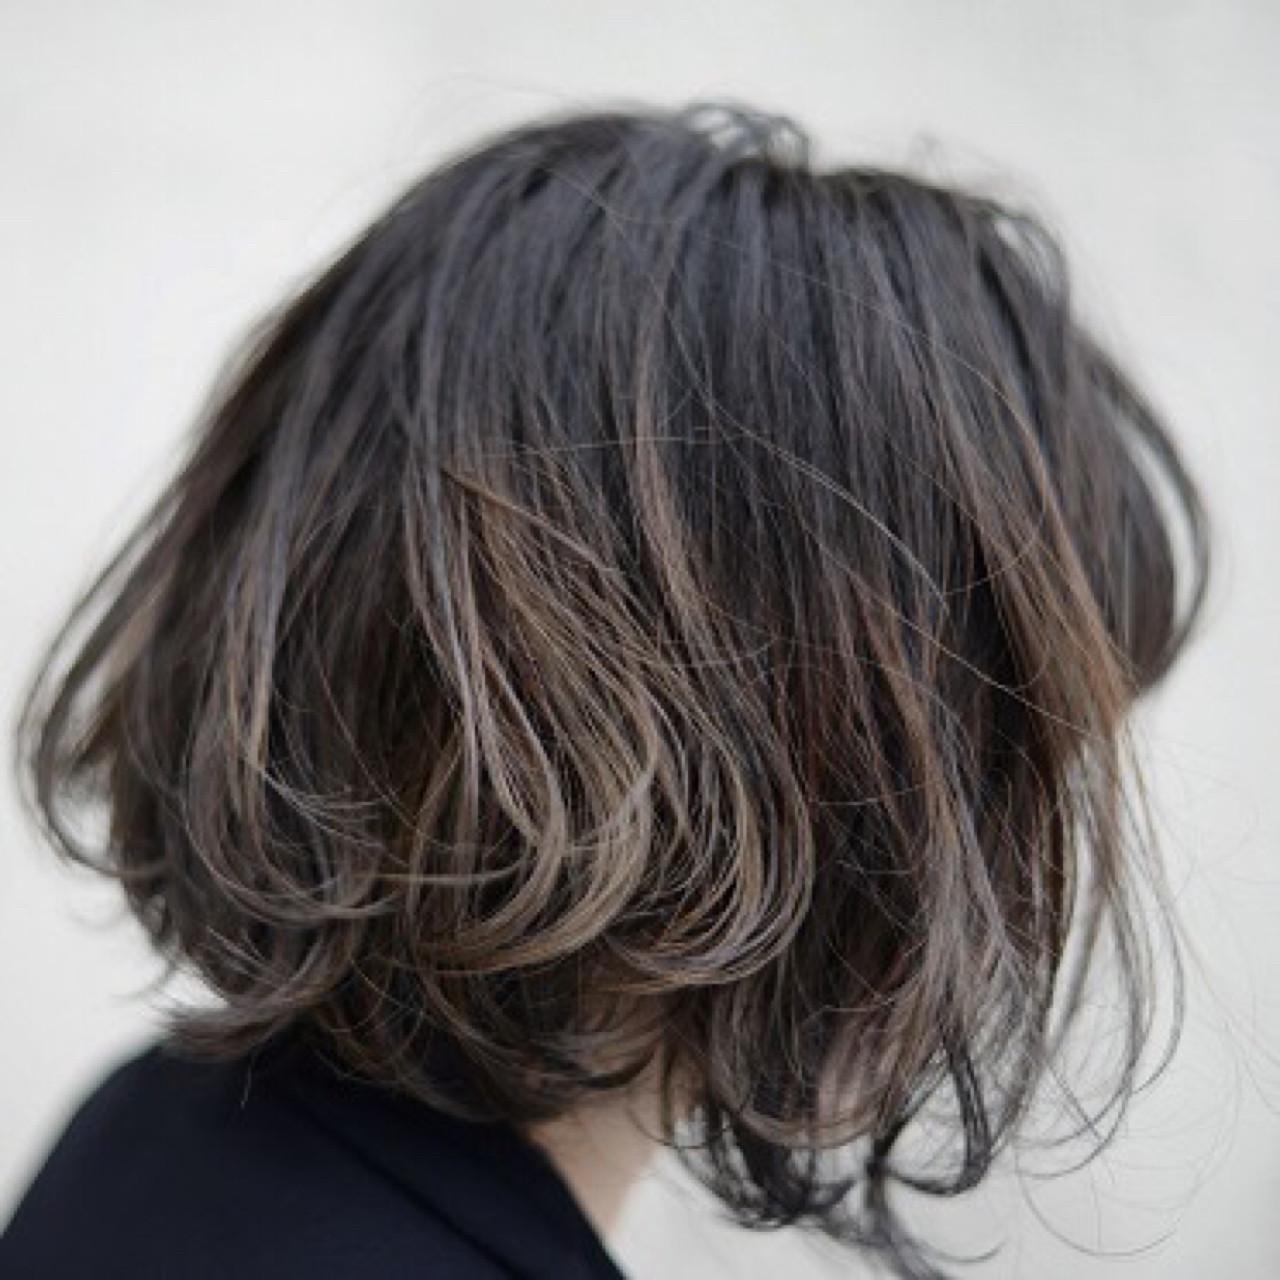 グラデーションカラー ハイライト ボブ 色気 ヘアスタイルや髪型の写真・画像 | 根岸和也 / studio menos